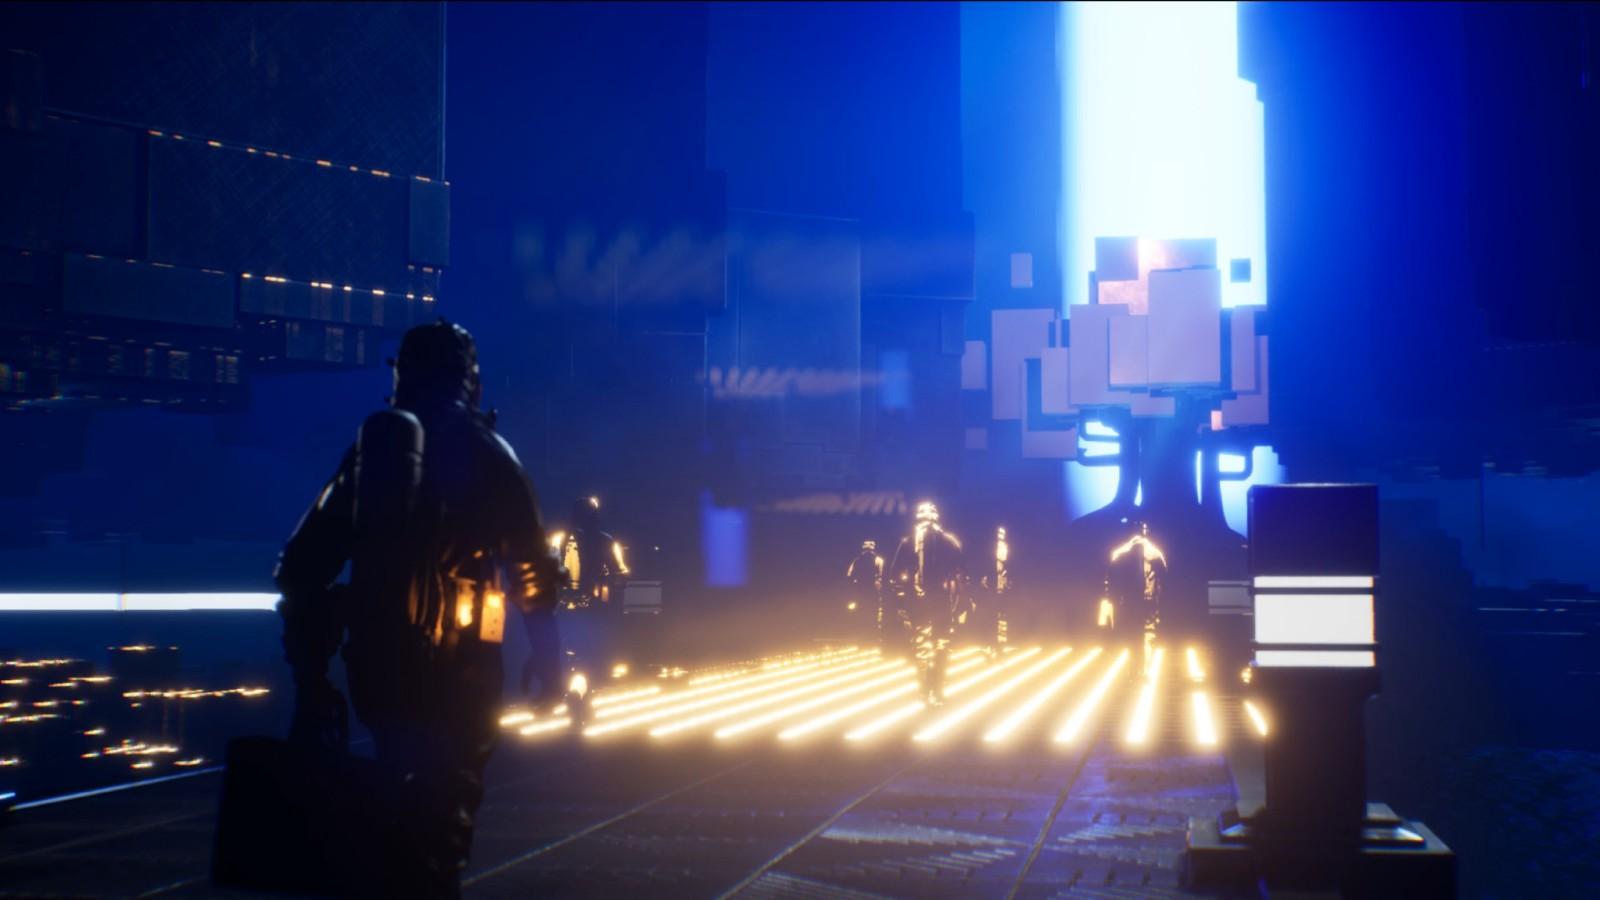 国产射击冒险游戏《梦神计划:序章》在Steam免费推出